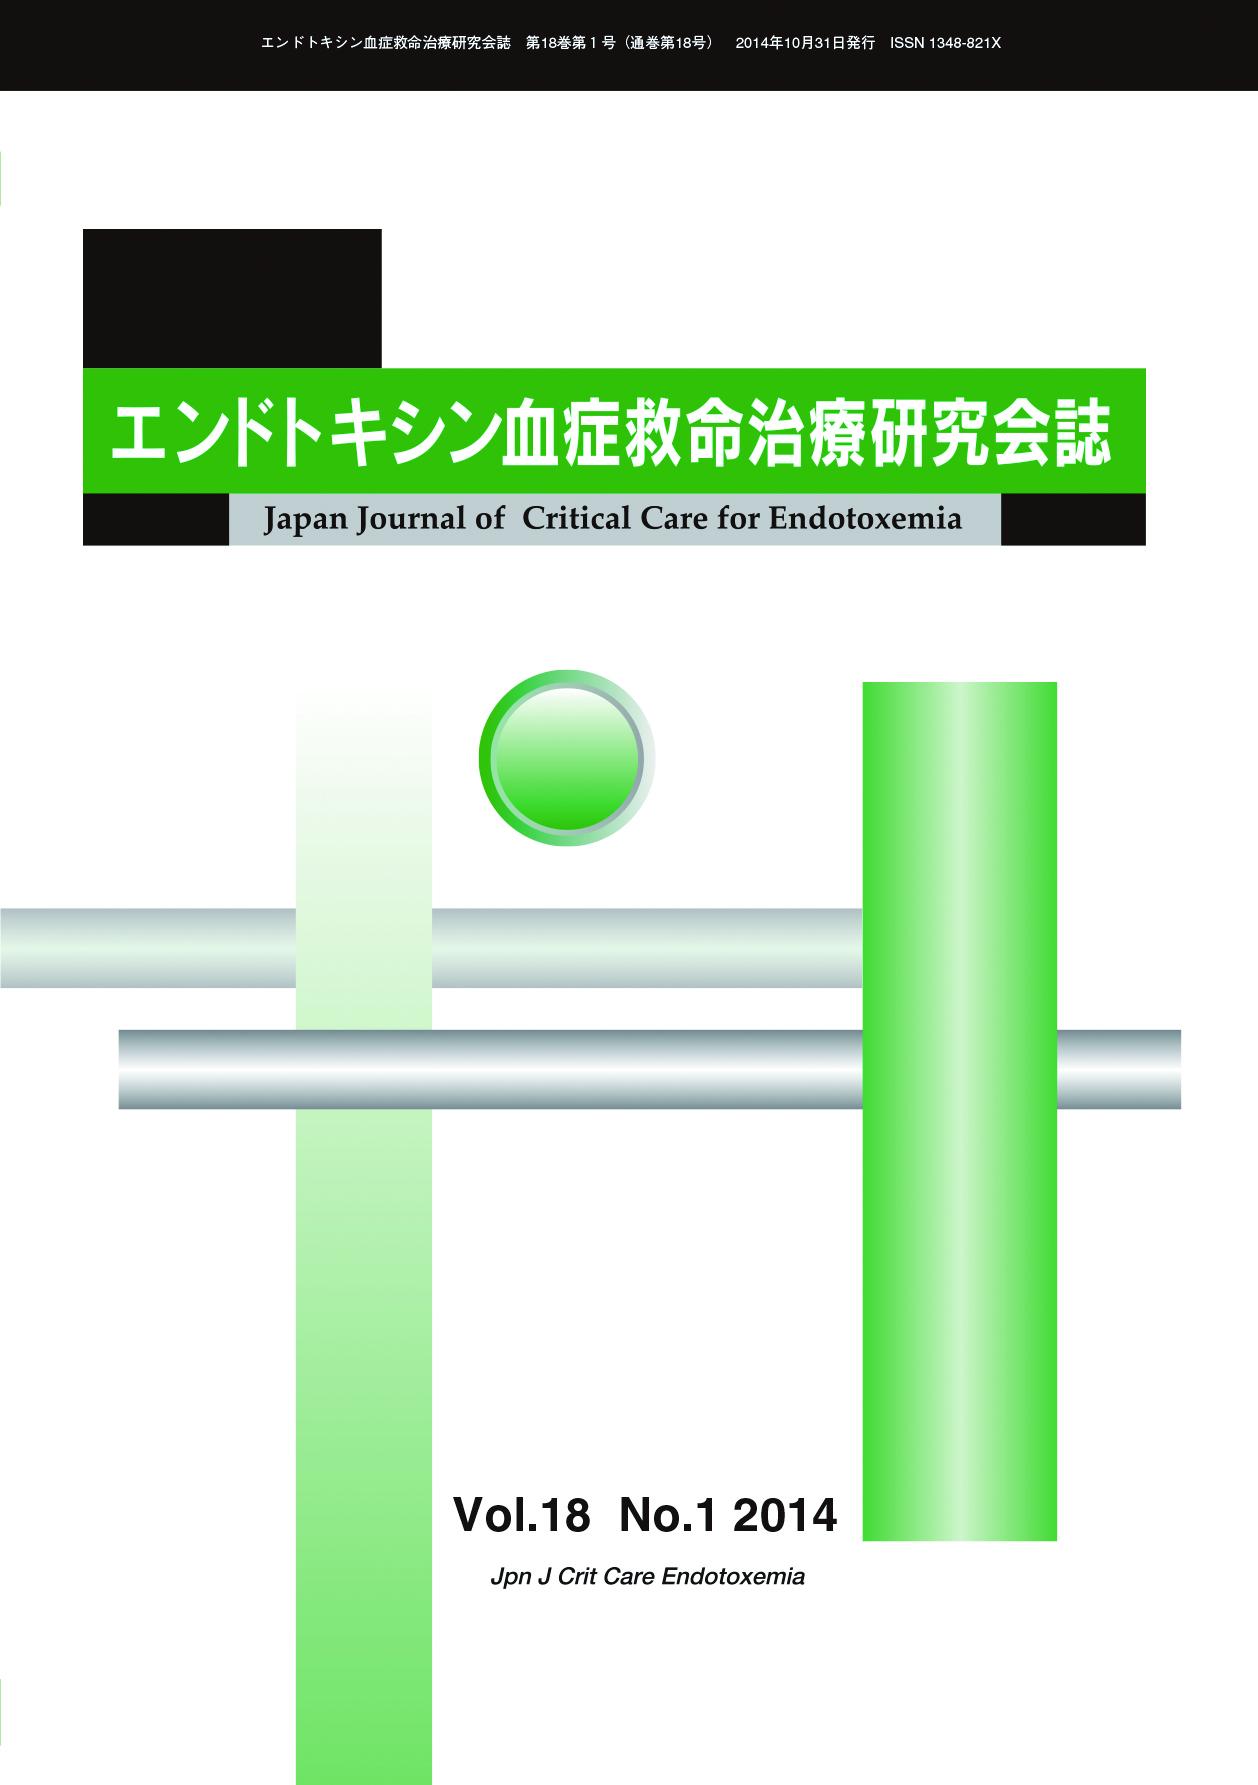 エンドトキシン血症救命治療研究会誌 Vol.18 No.1 2014